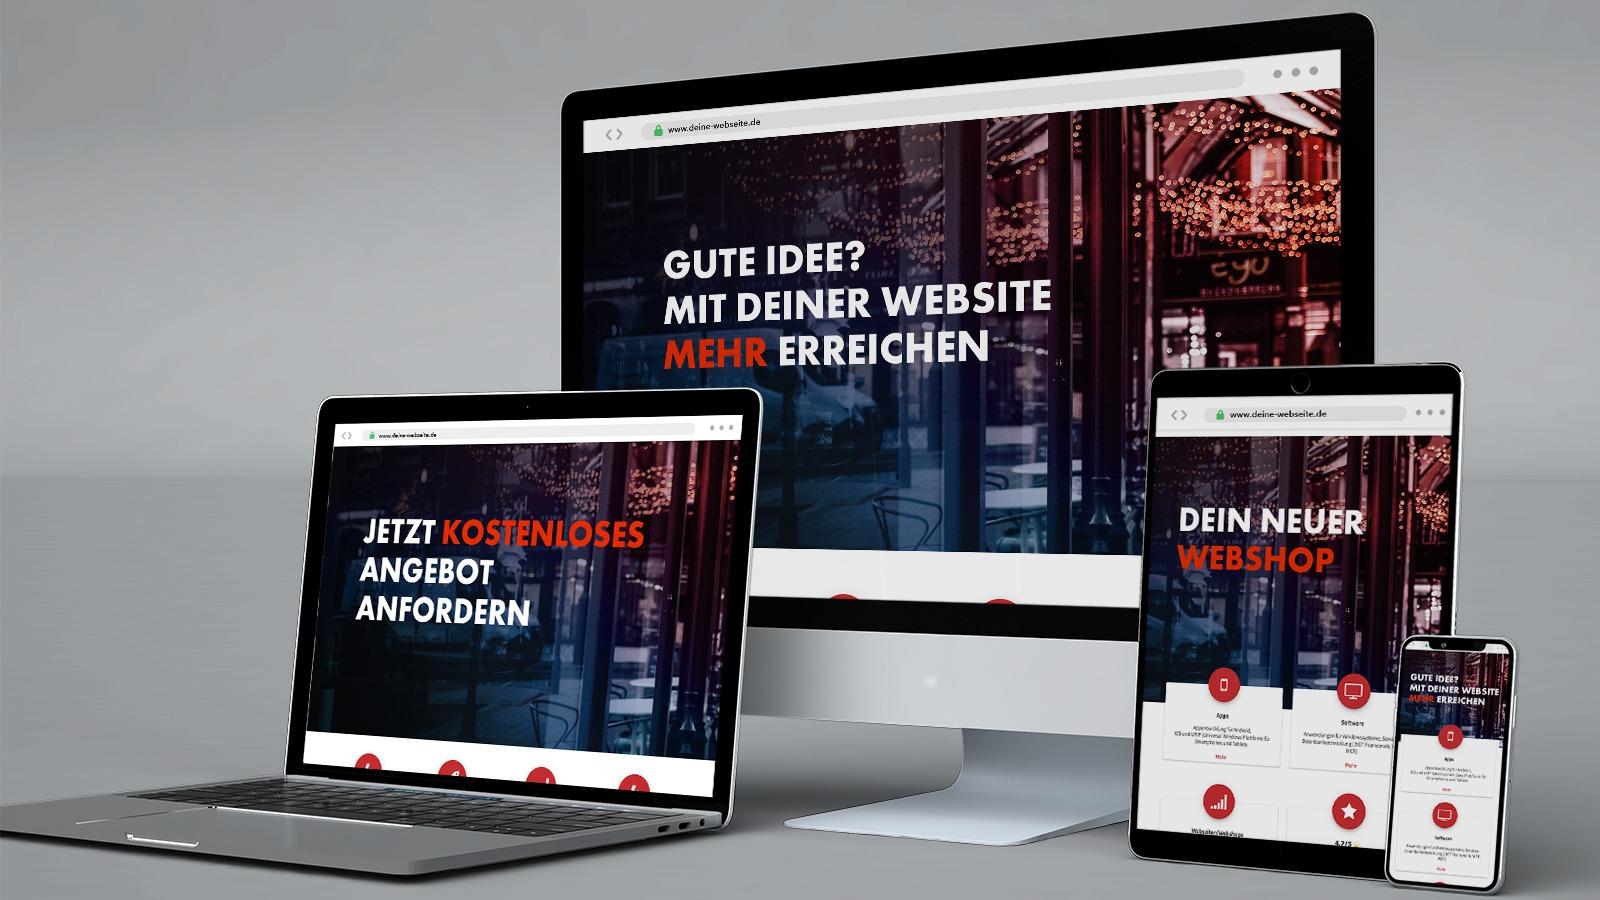 SEO, Suchmaschinenoptimierung, Reichweite erhöhen Mainz, Design Mainz, Webentwicklung Angebot kostenlos, 55116 Mainz, 55124